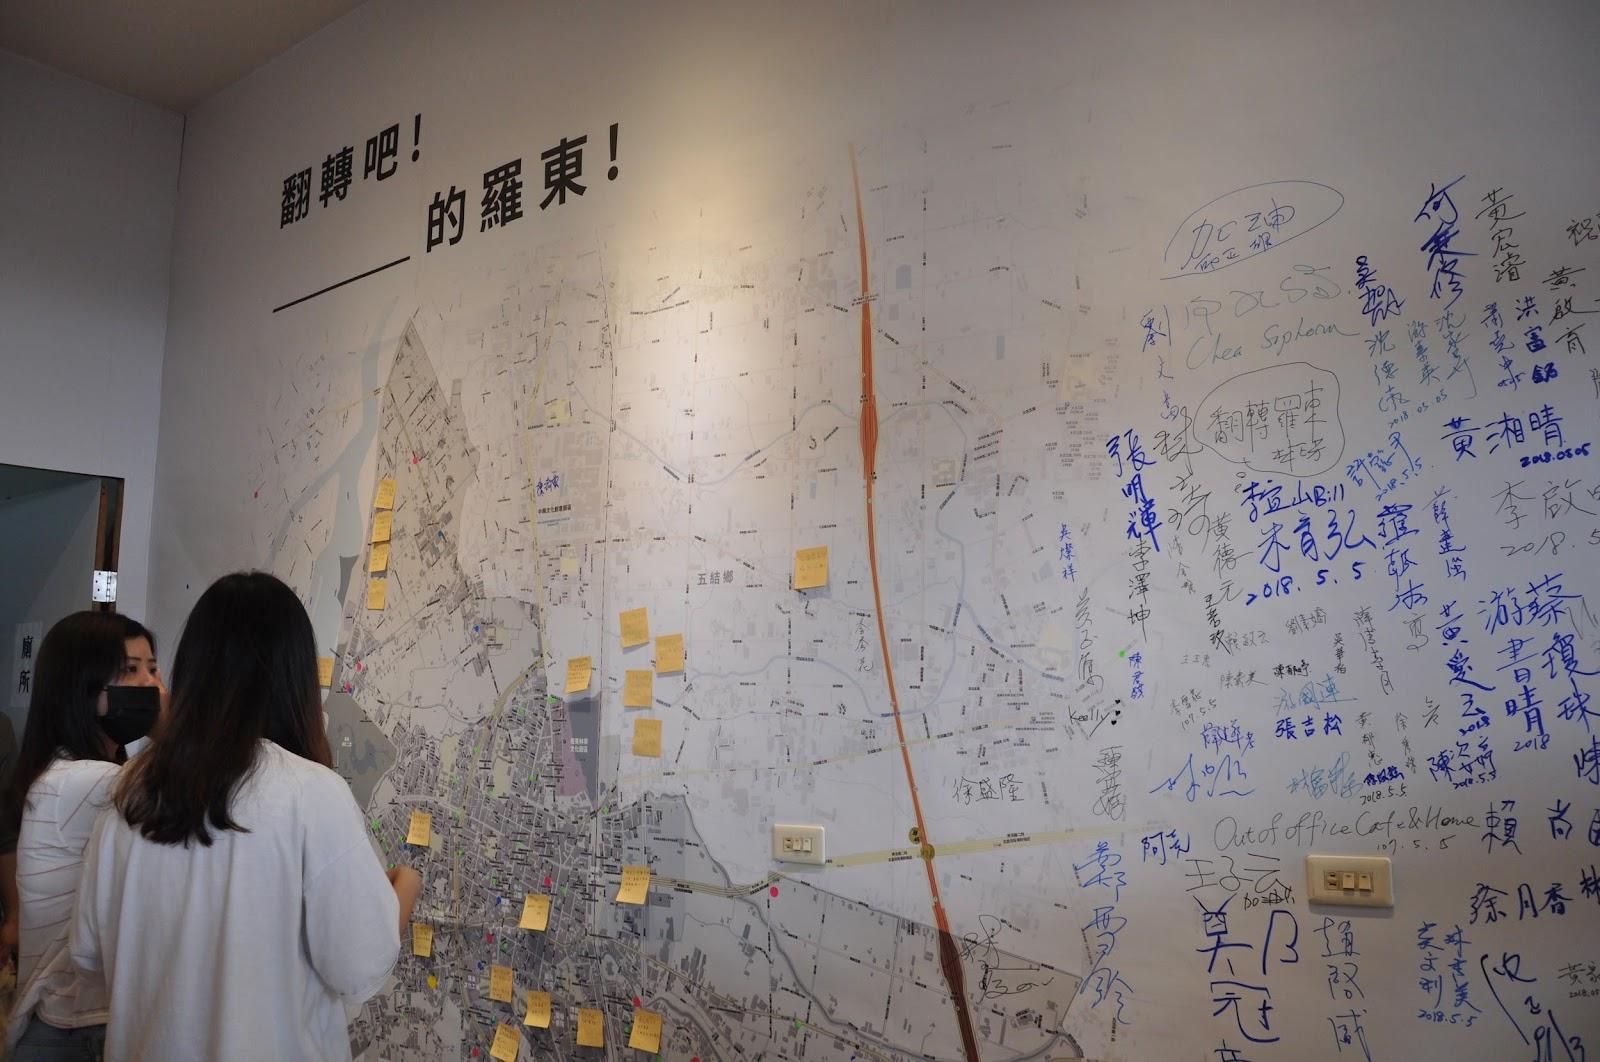 民眾可以在這面牆上去發揮對新羅東的想像